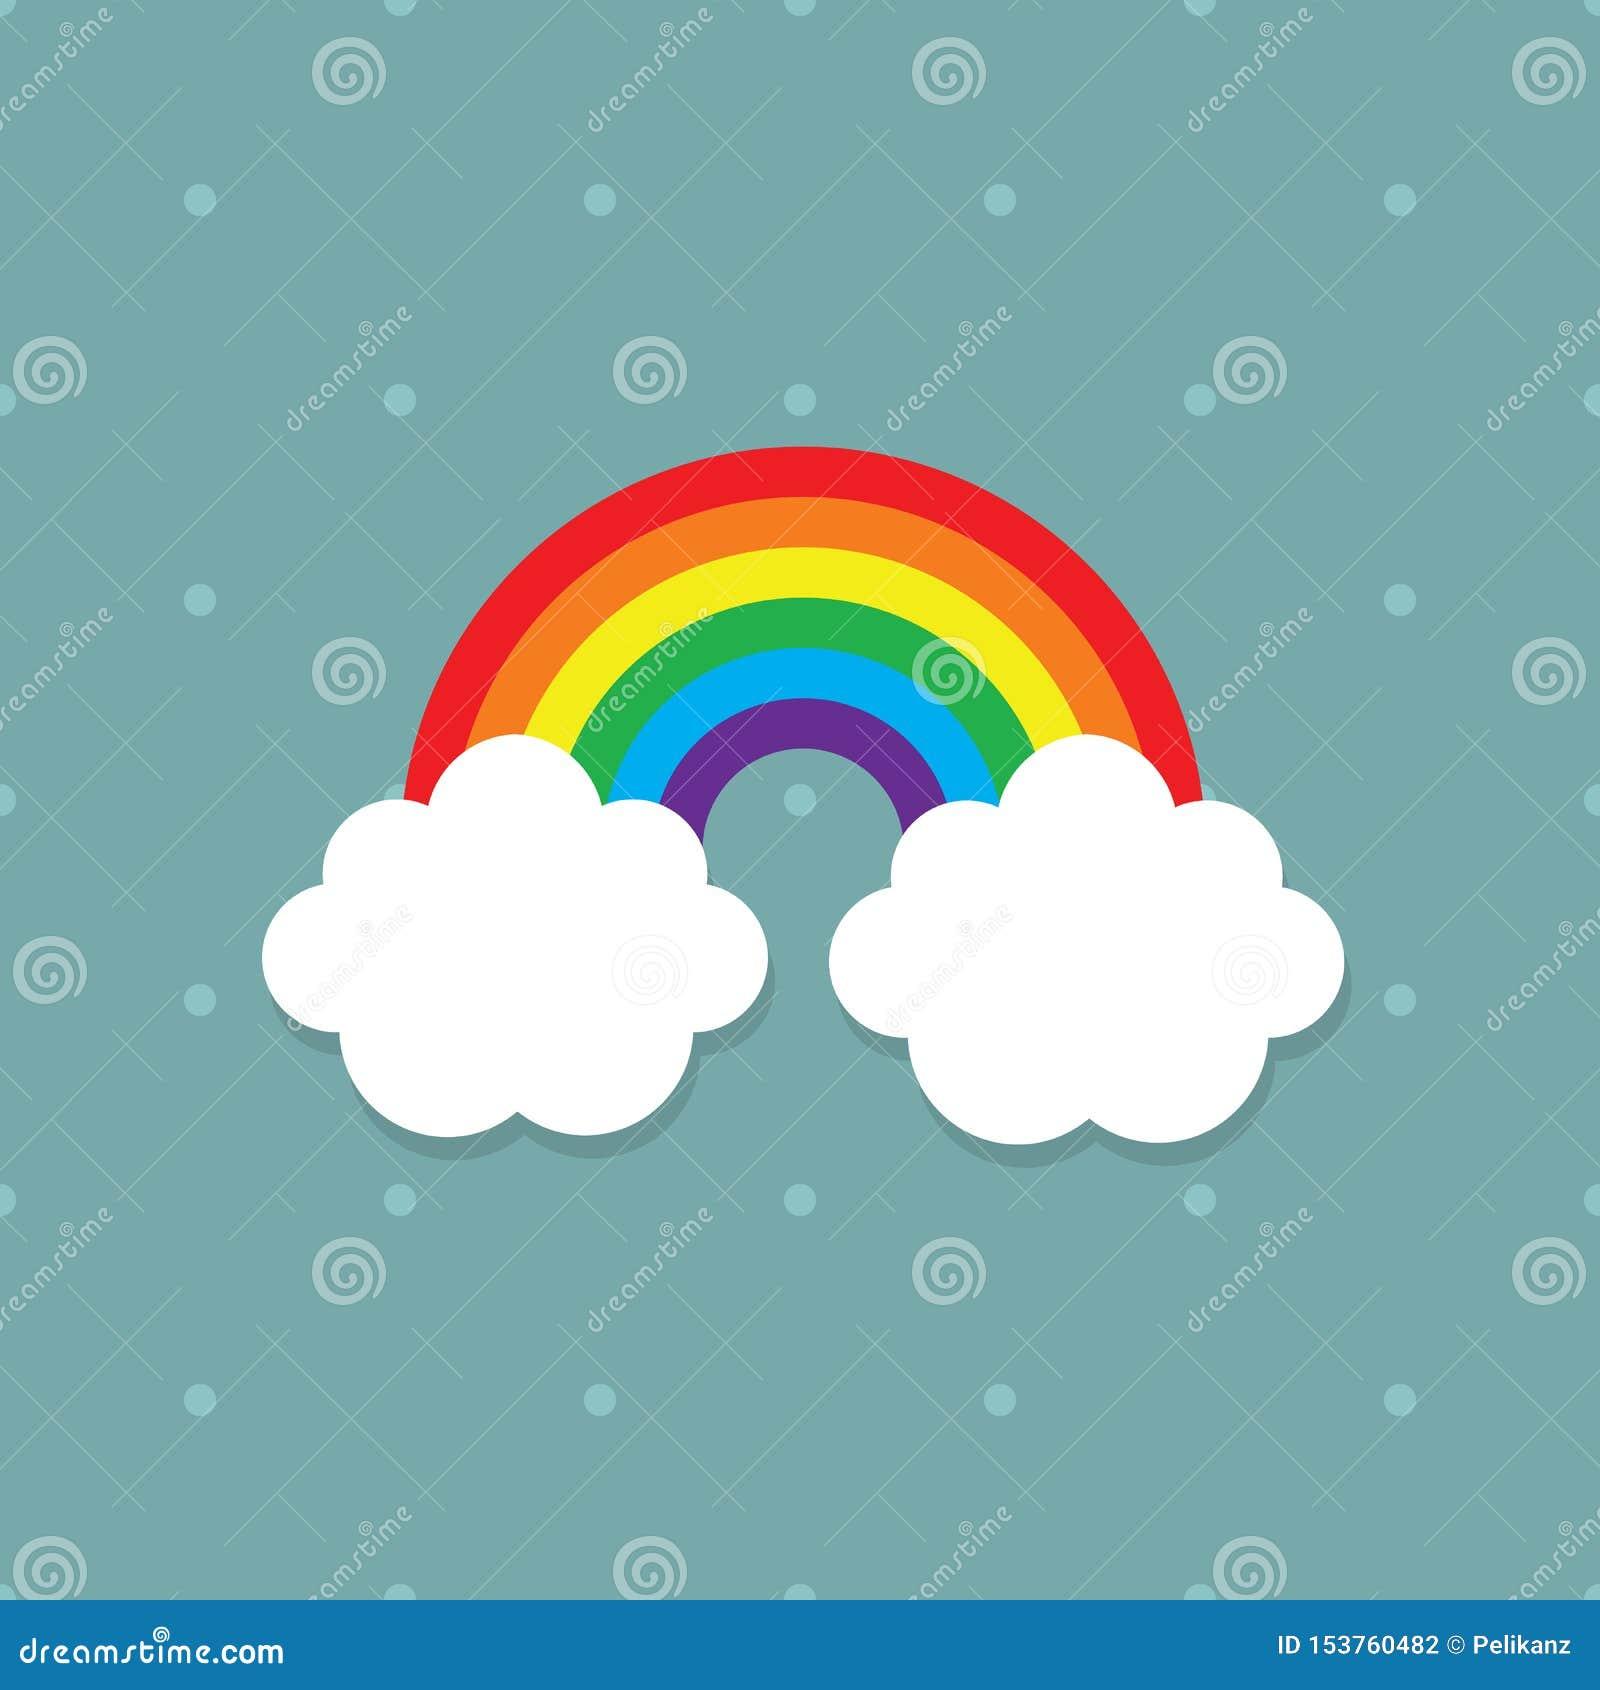 Cores abstratas bonitos do arco-íris das crianças com as nuvens brancas no fundo pontilhado azul da cerceta